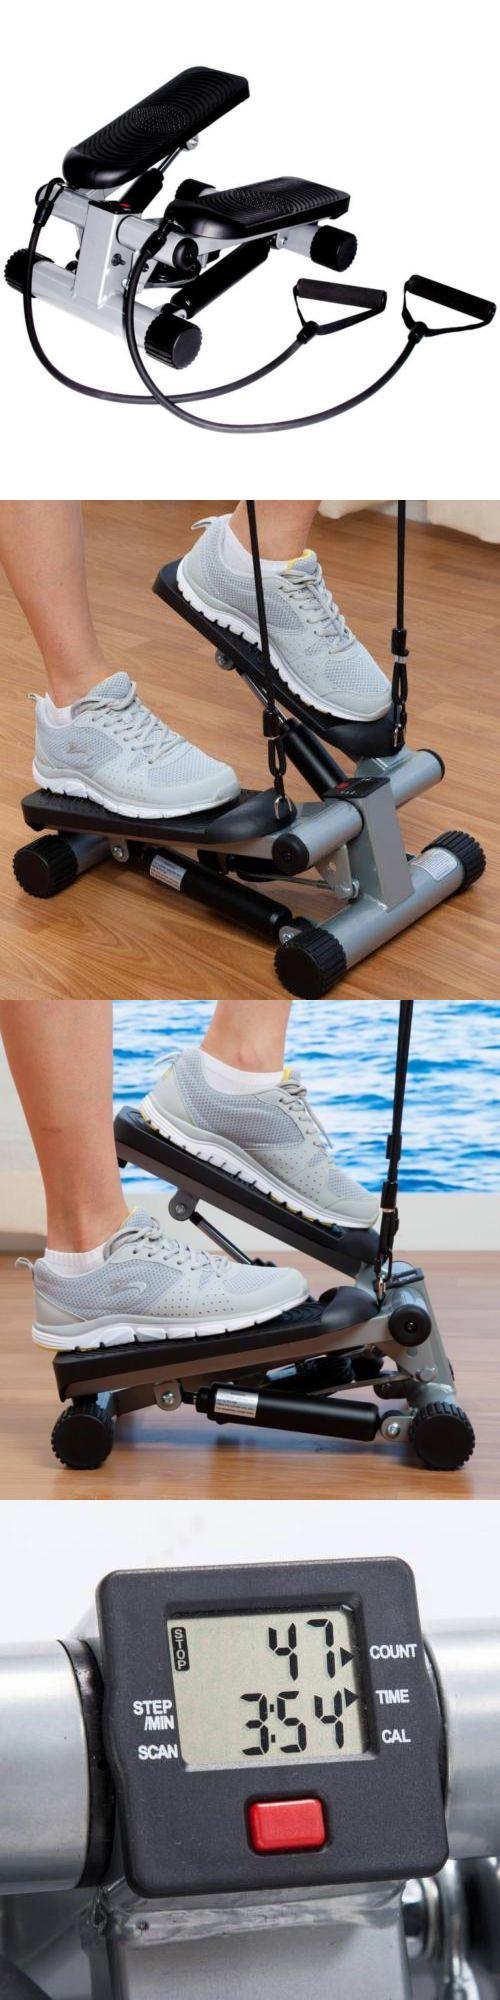 band workout machine